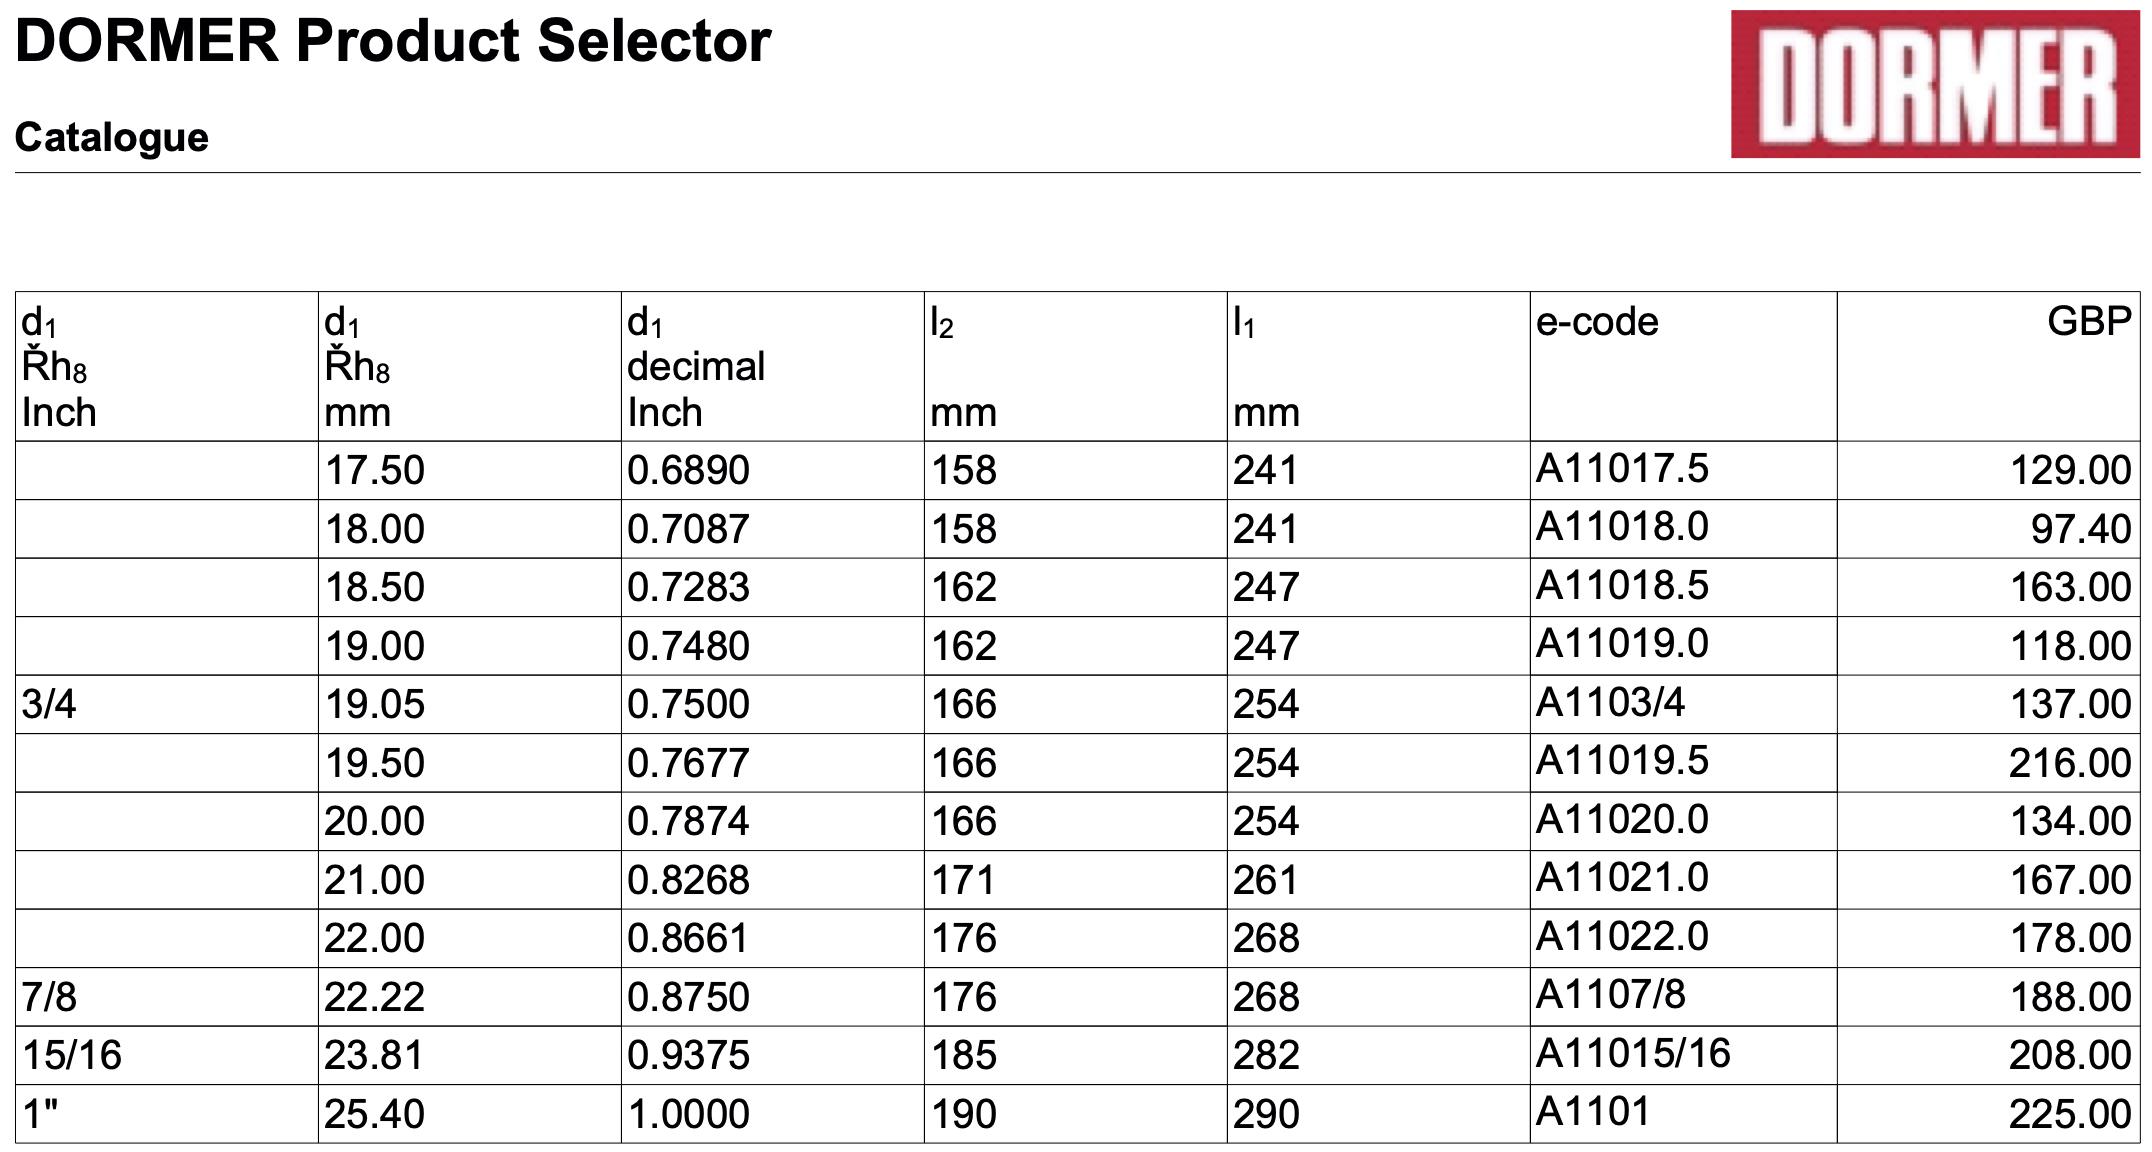 Dormer A95116.0 Carbide Drill 0.6299 Head Diameter 9.055 Flute Length 13.976 Full Length